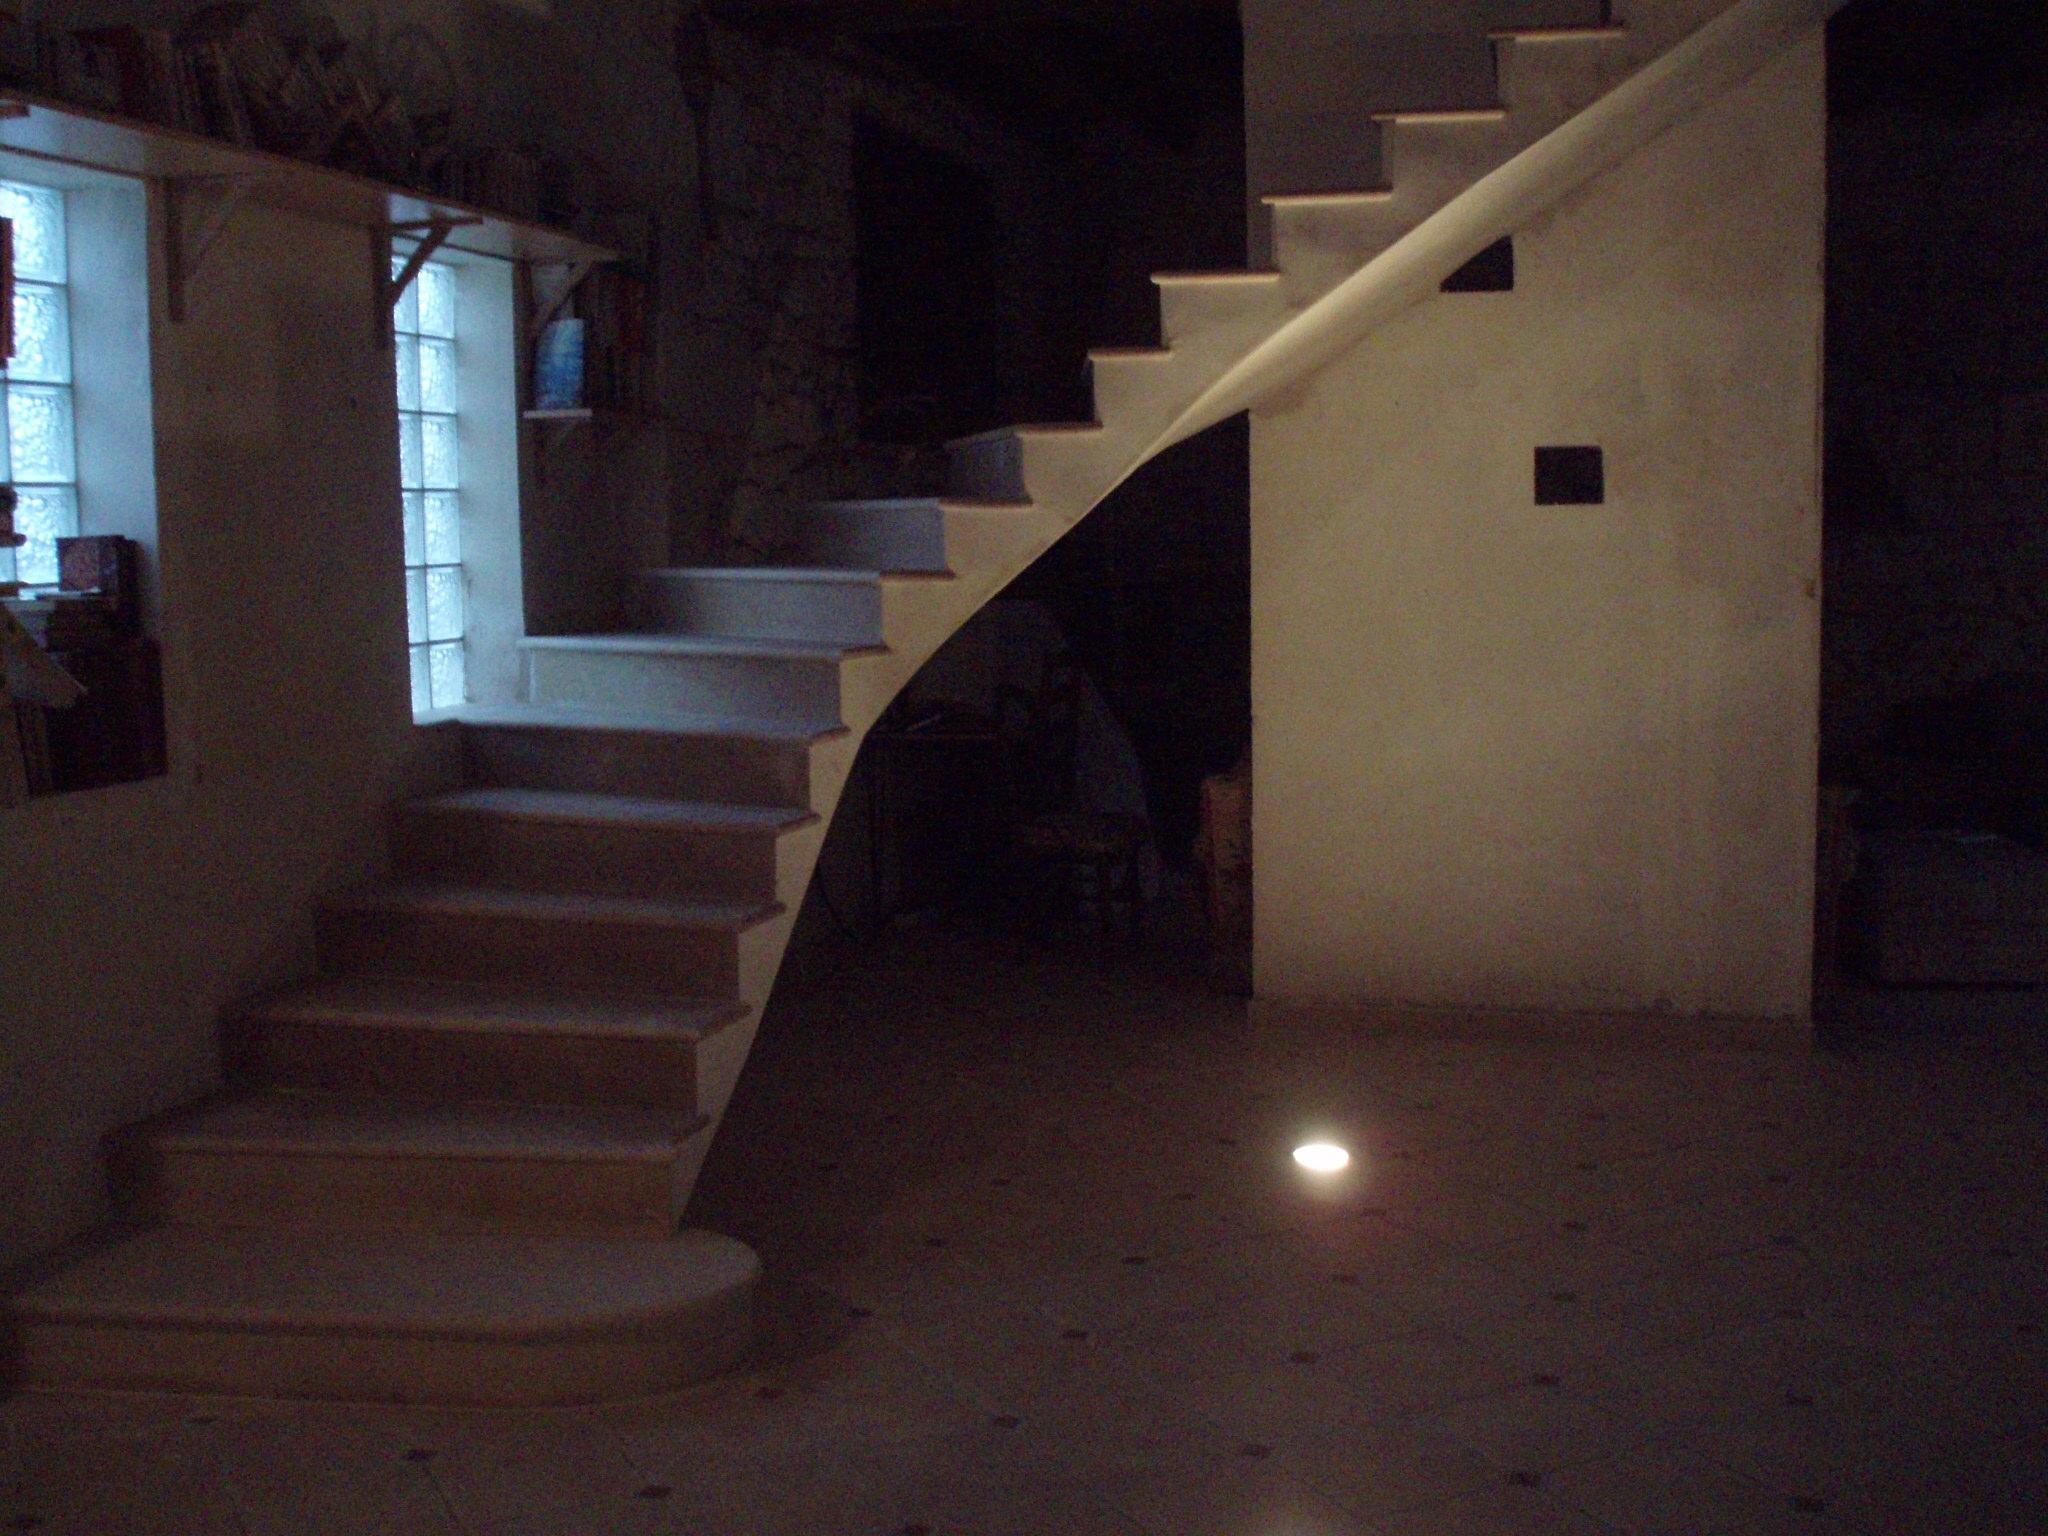 Escalier voute sarrasinne,largeur 1.20m-Samson_laurent_tailleur de pierre_Bourges